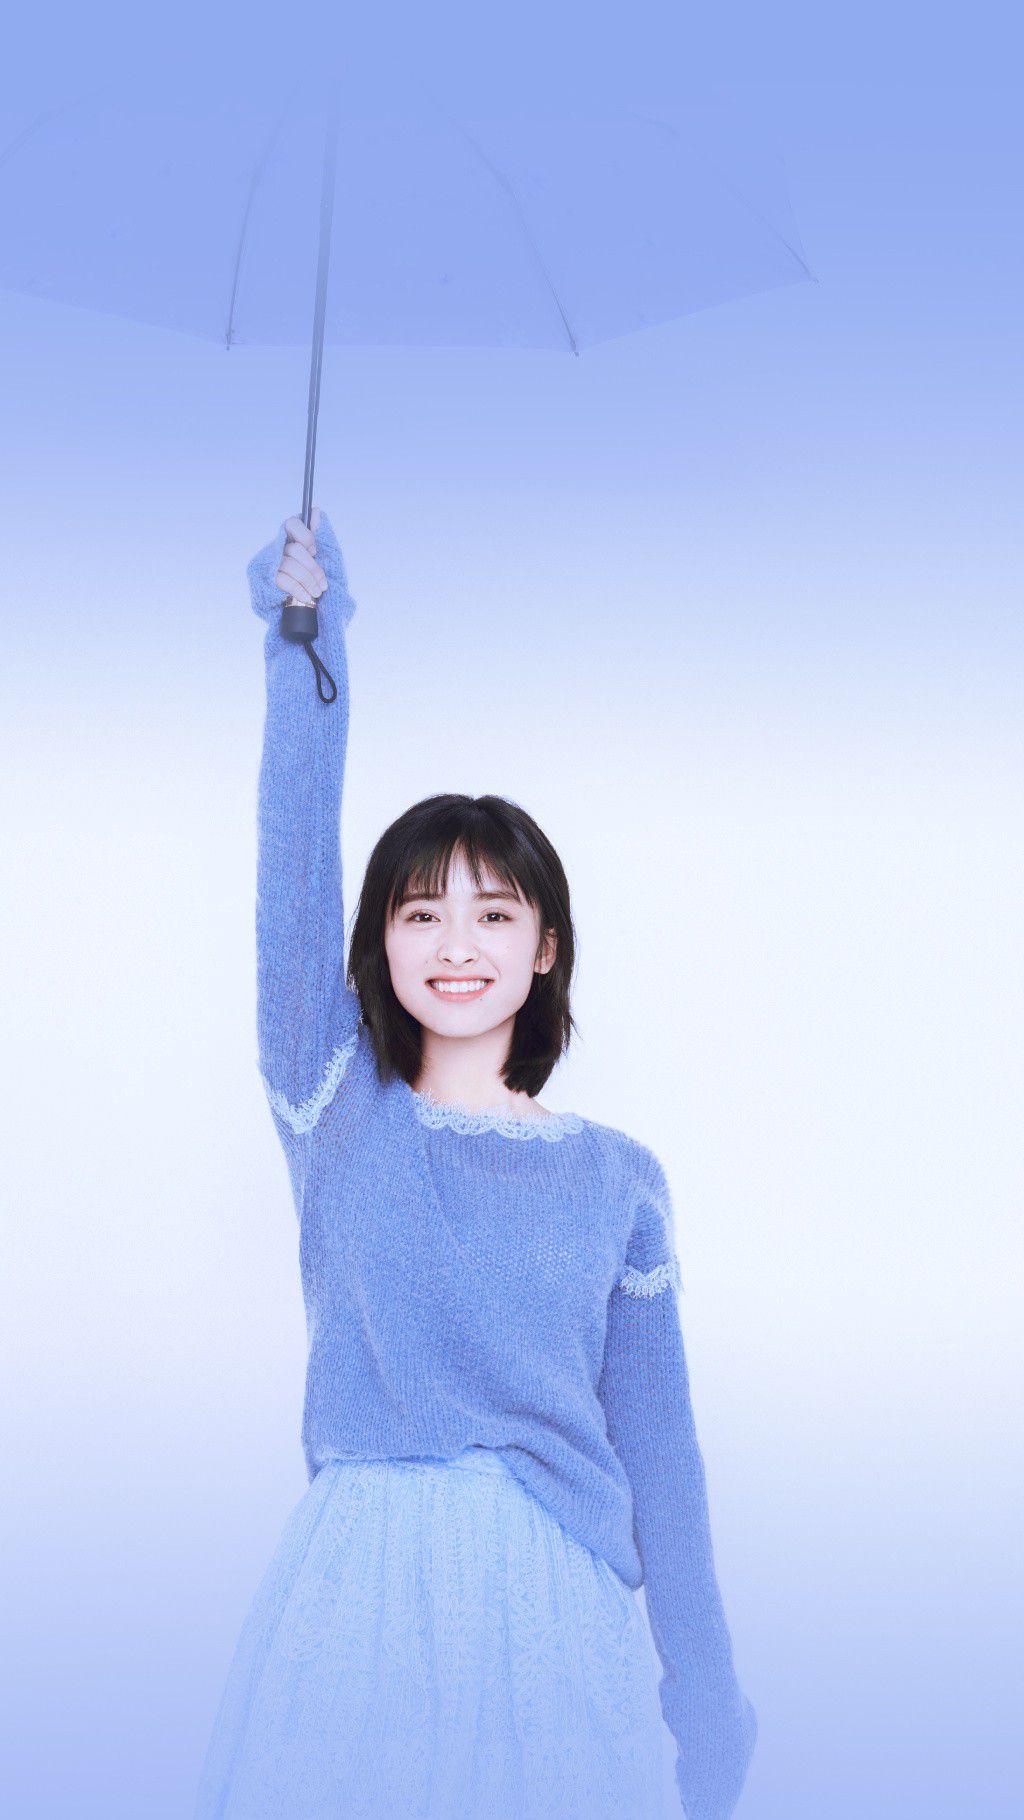 Truy lùng thông tin dàn diễn viên Vườn sao băng 2018 Trung Quốc (6)